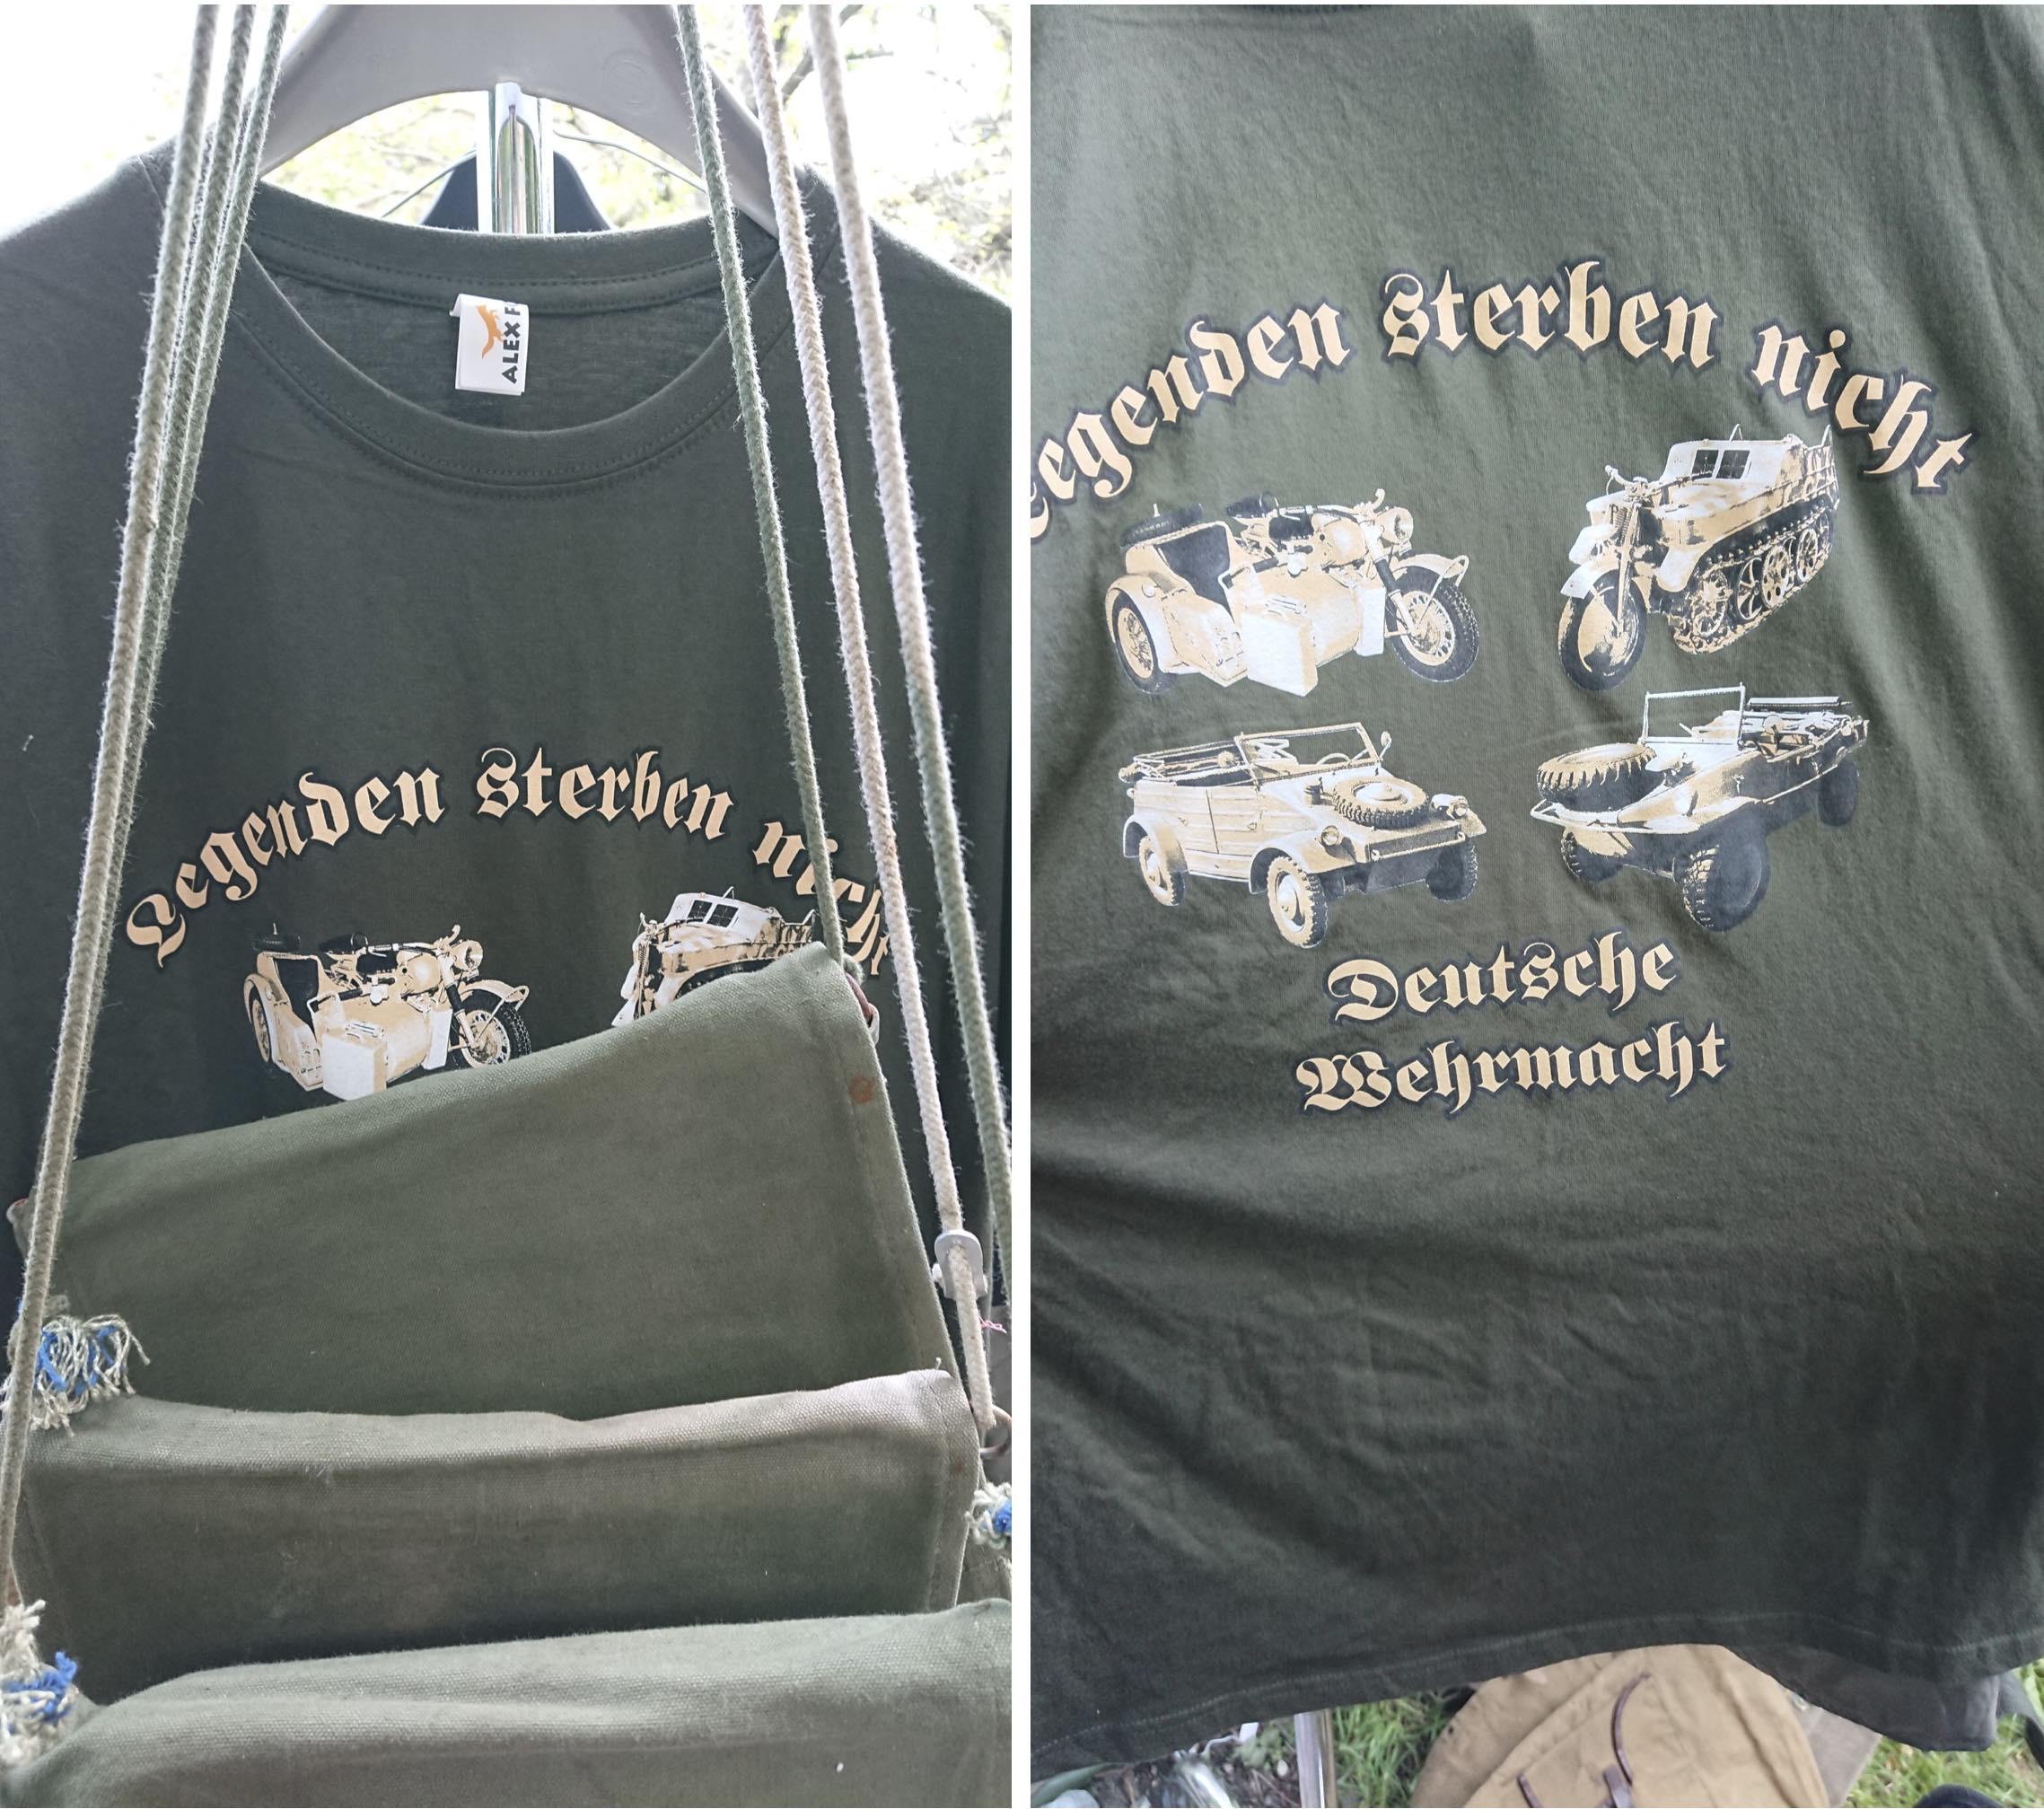 """T-Shirt zum Verkauf: """"Legenden sterben nicht – Deutsche Wehrmacht"""" (© SdR)"""